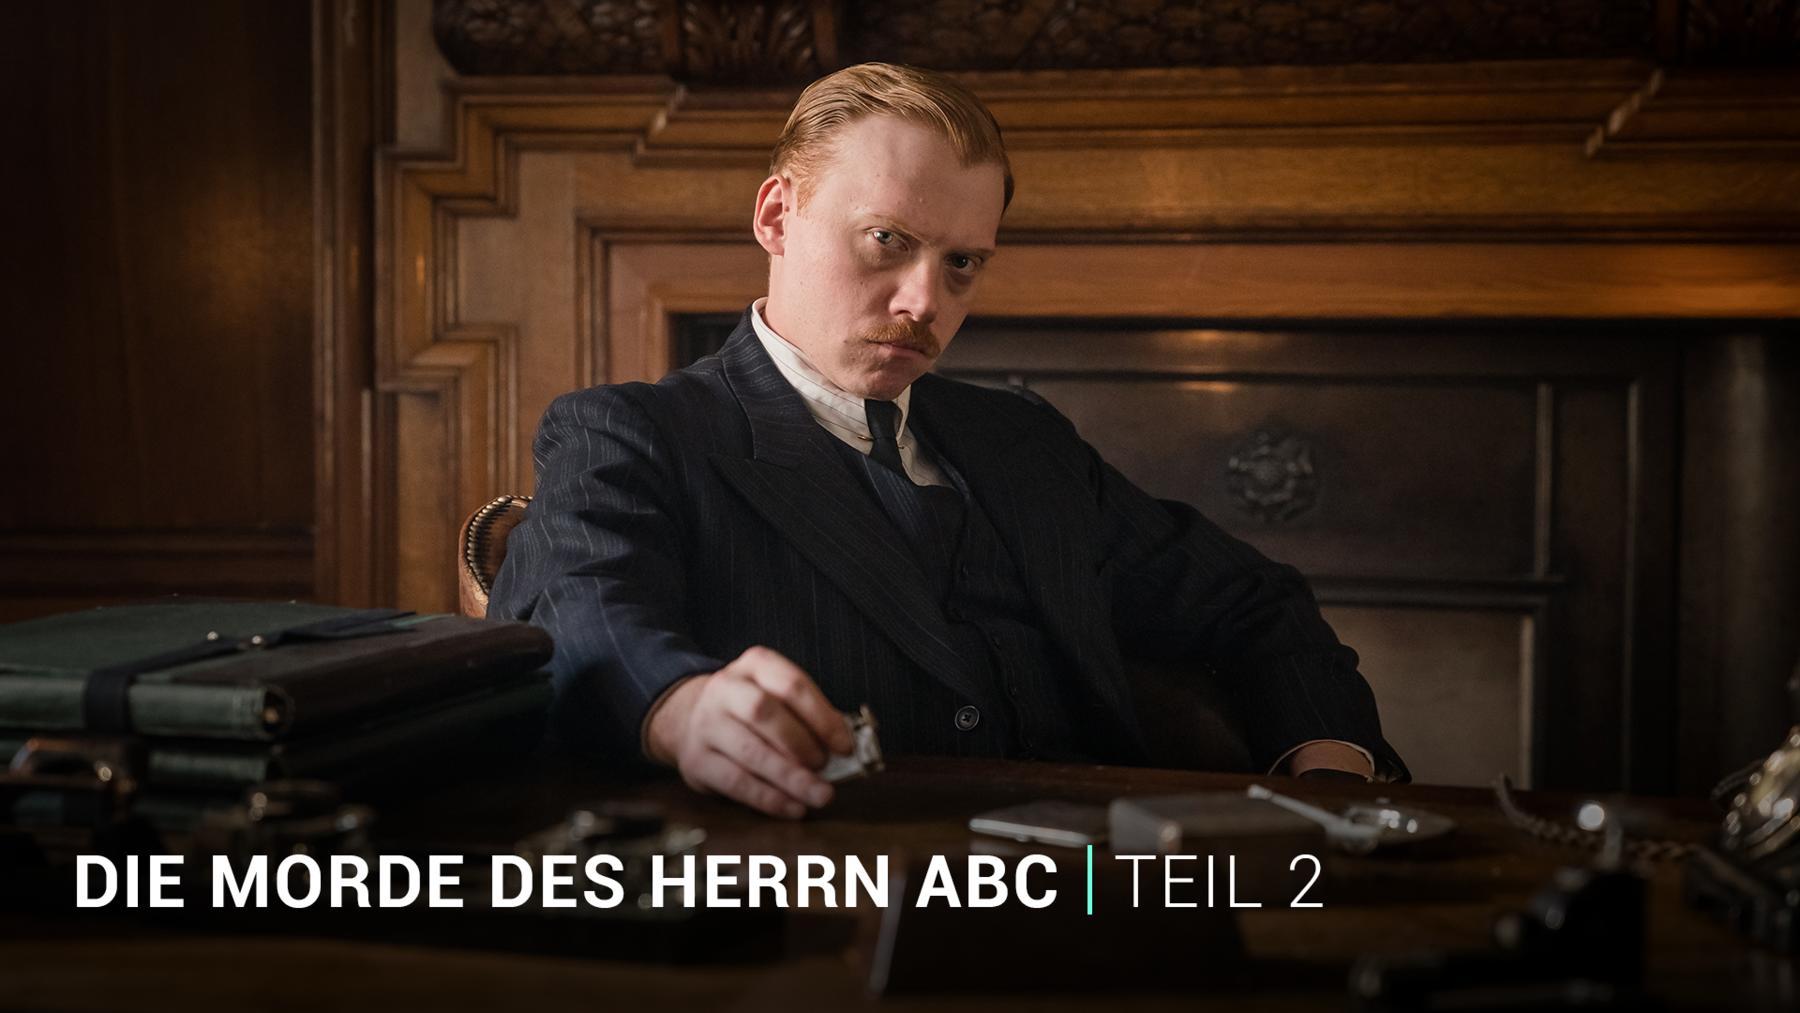 Die Morde des Herrn ABC Teil 2